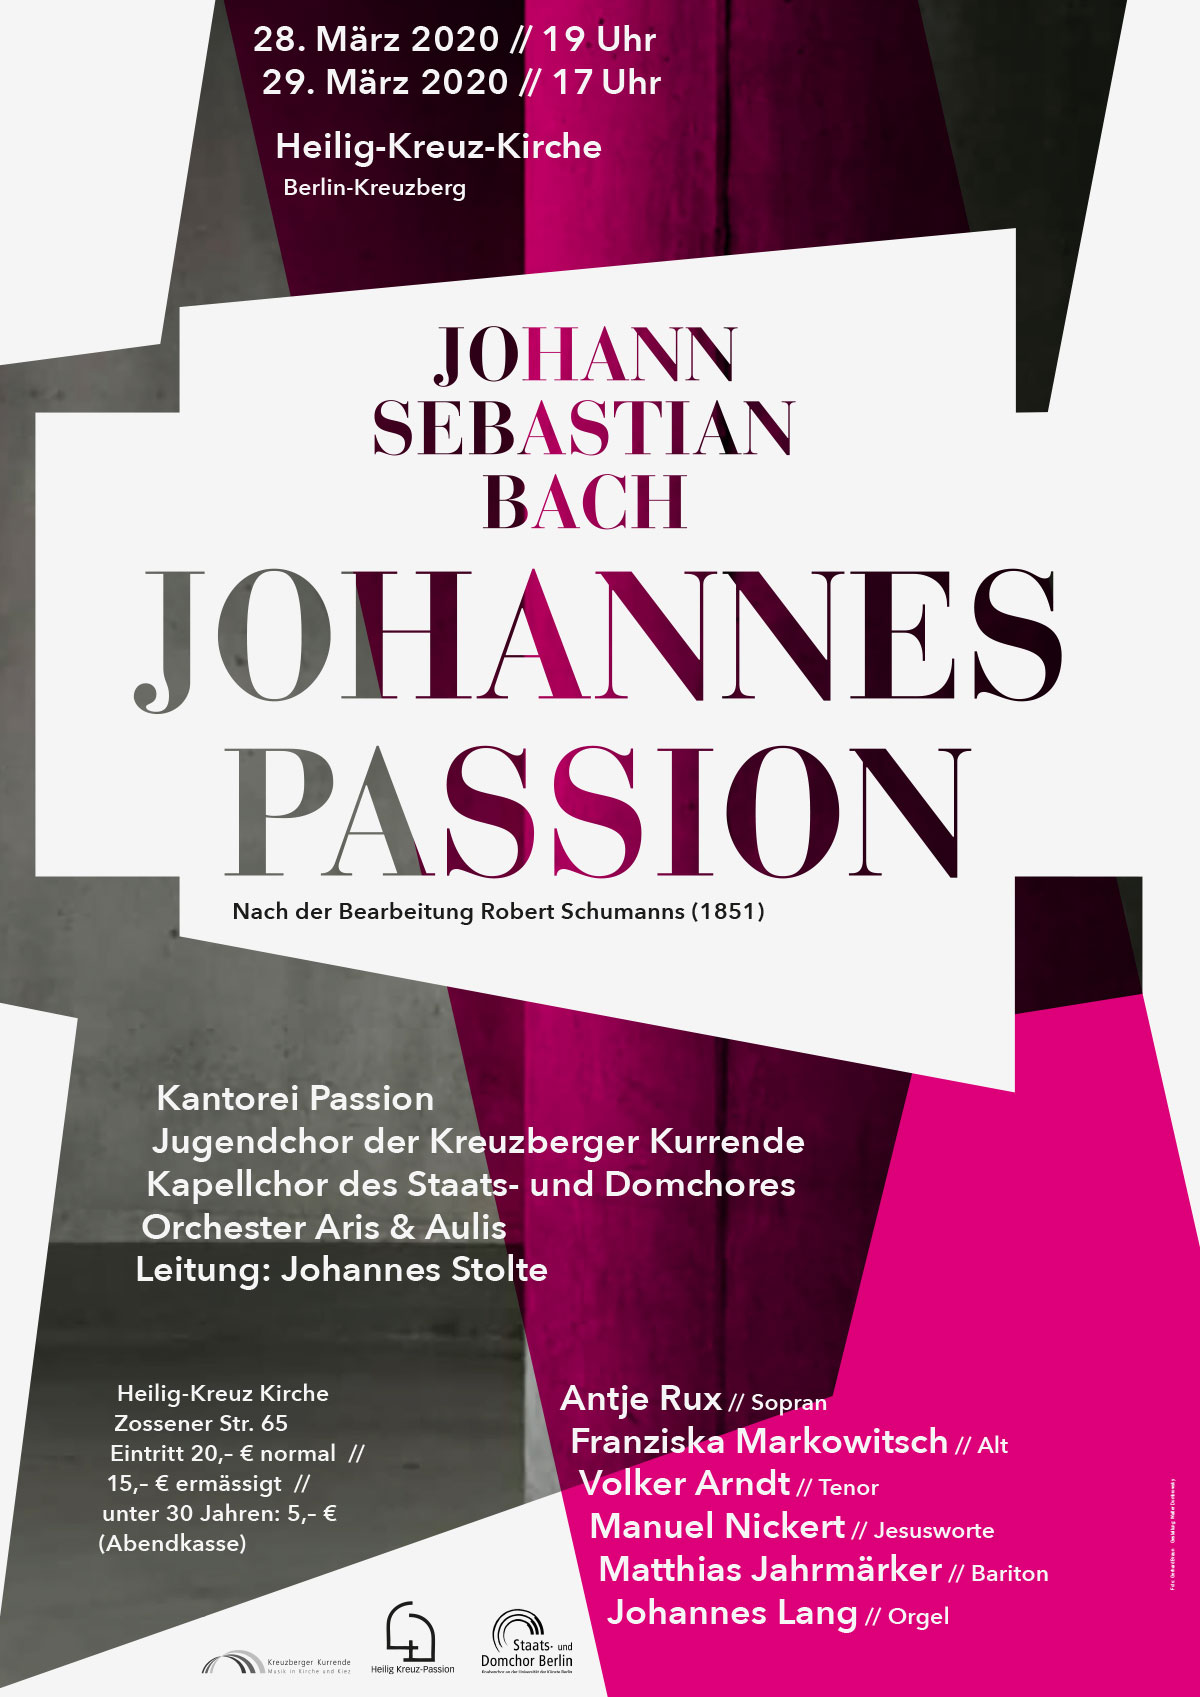 Poster zum Chorkonzert Johann Sebastian Bach Johannes Passion